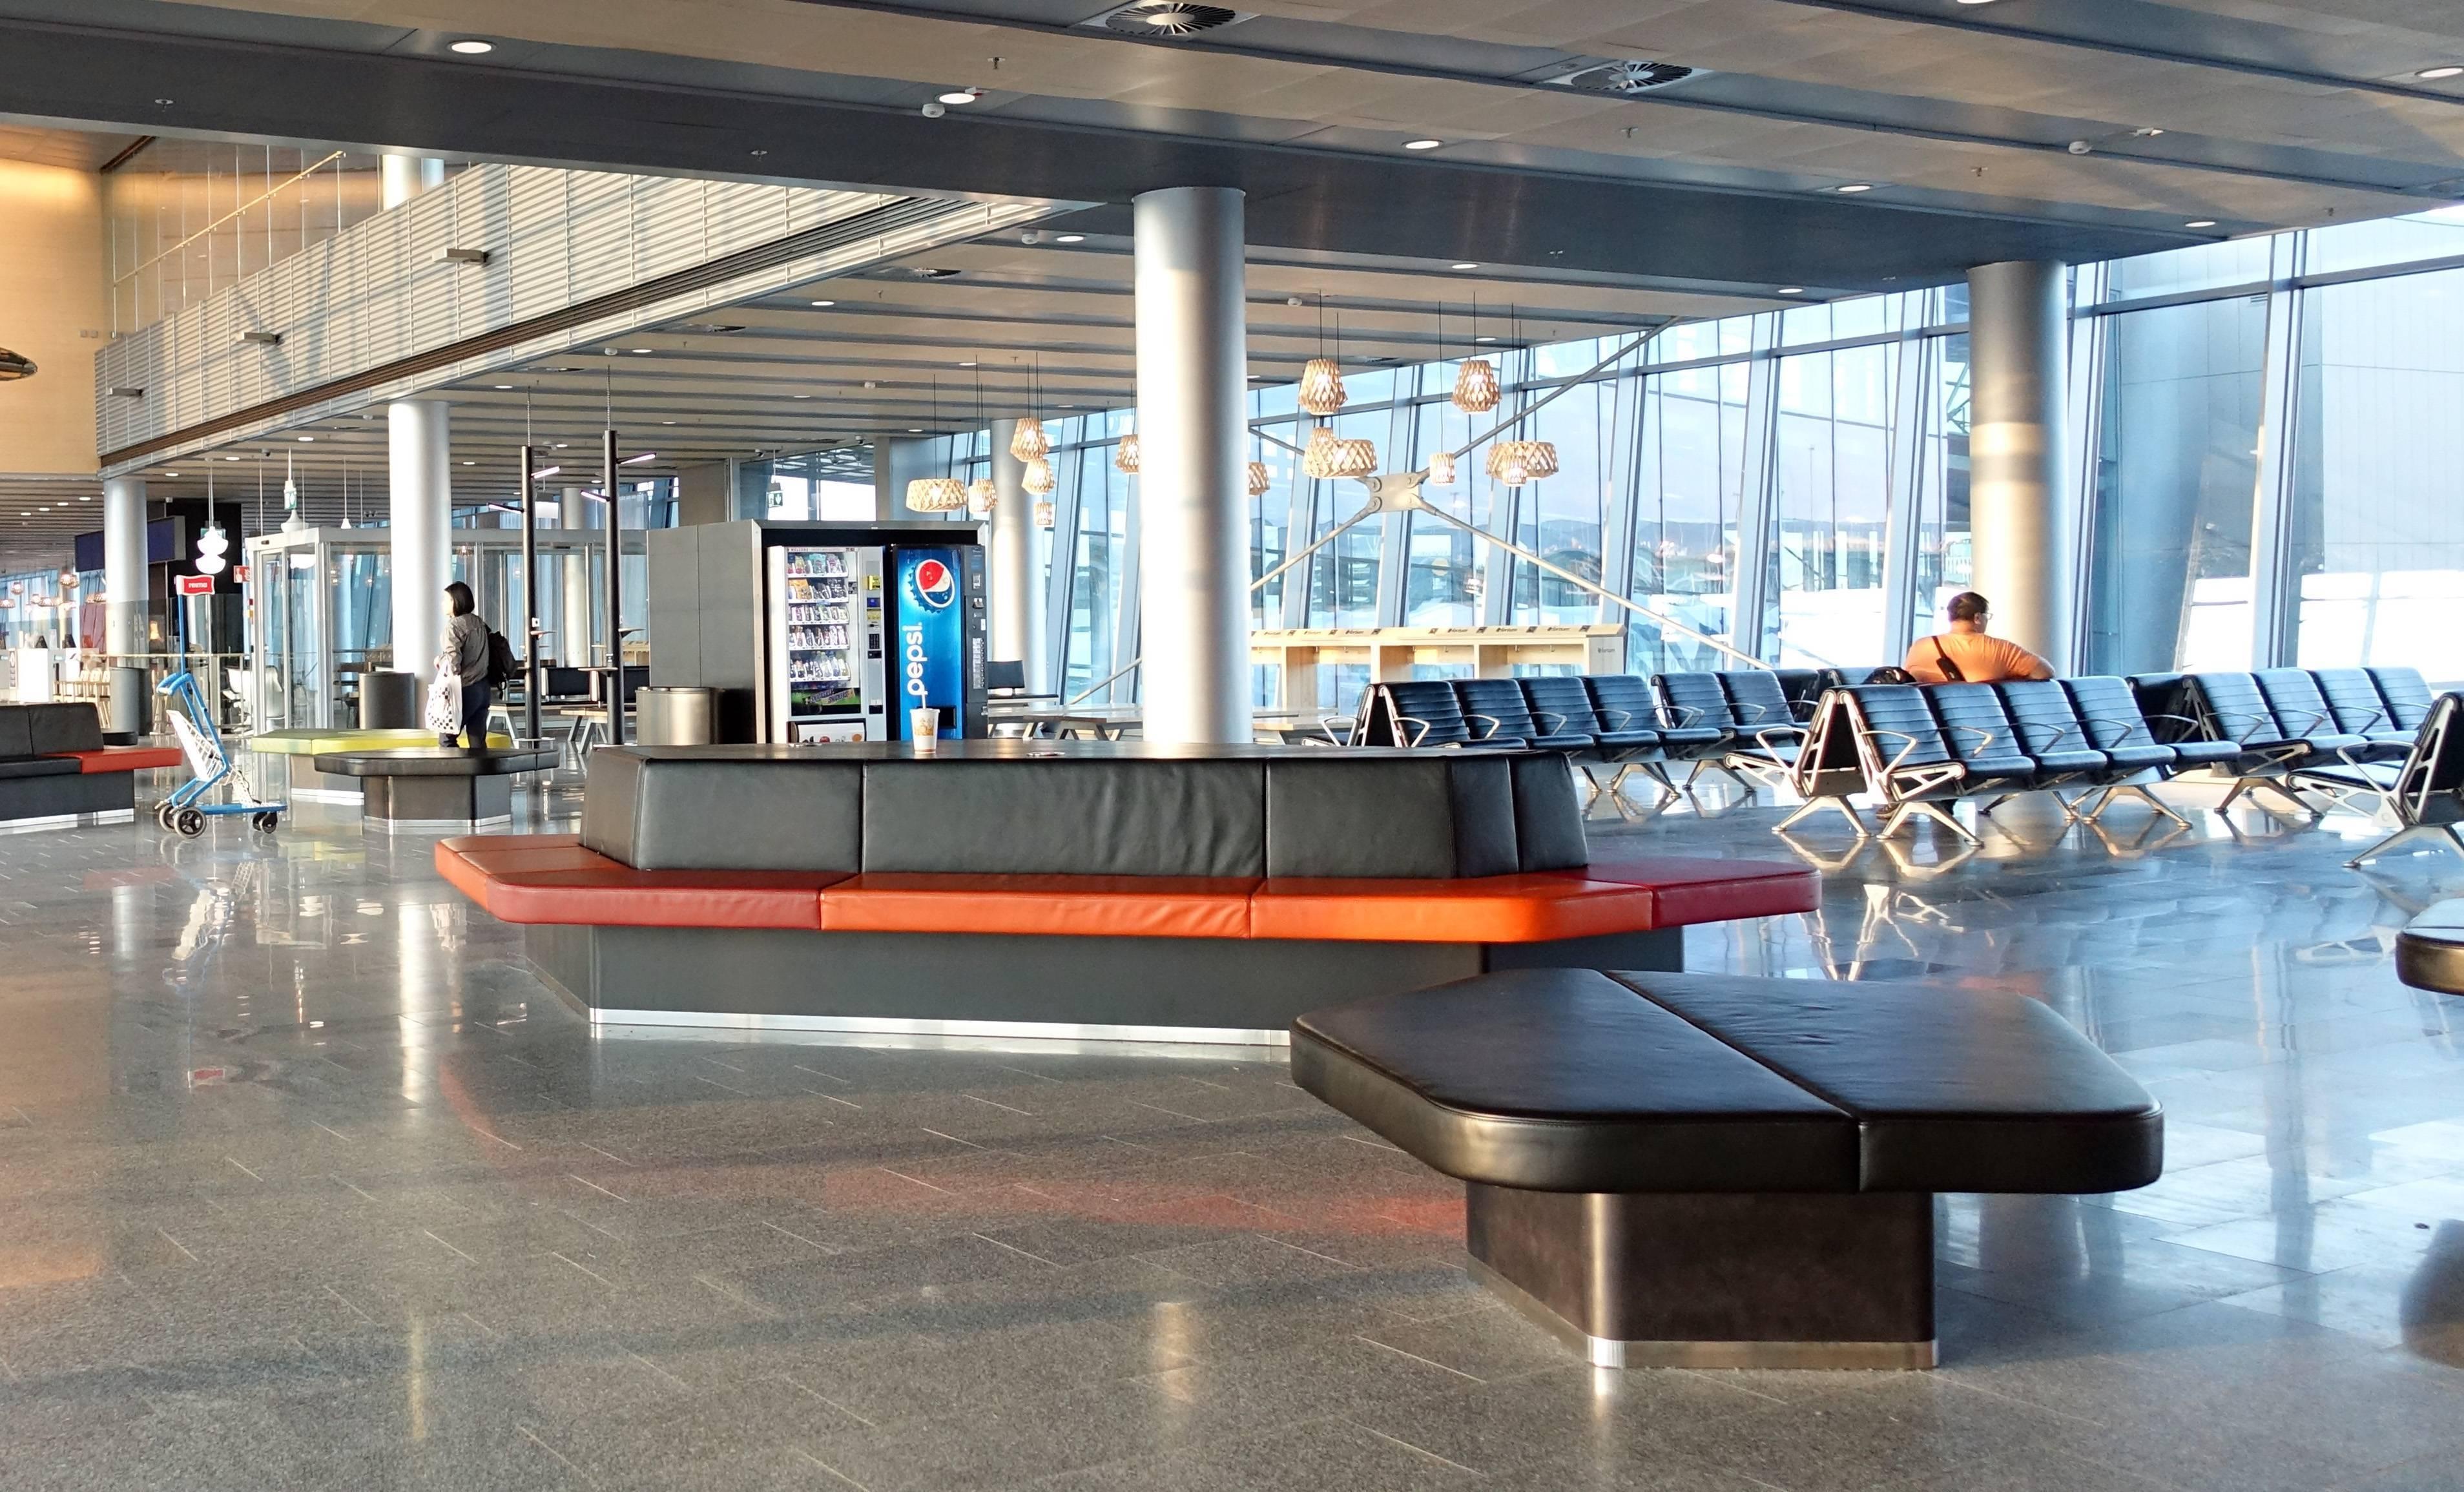 Вантаа - аэропорт хельсинки